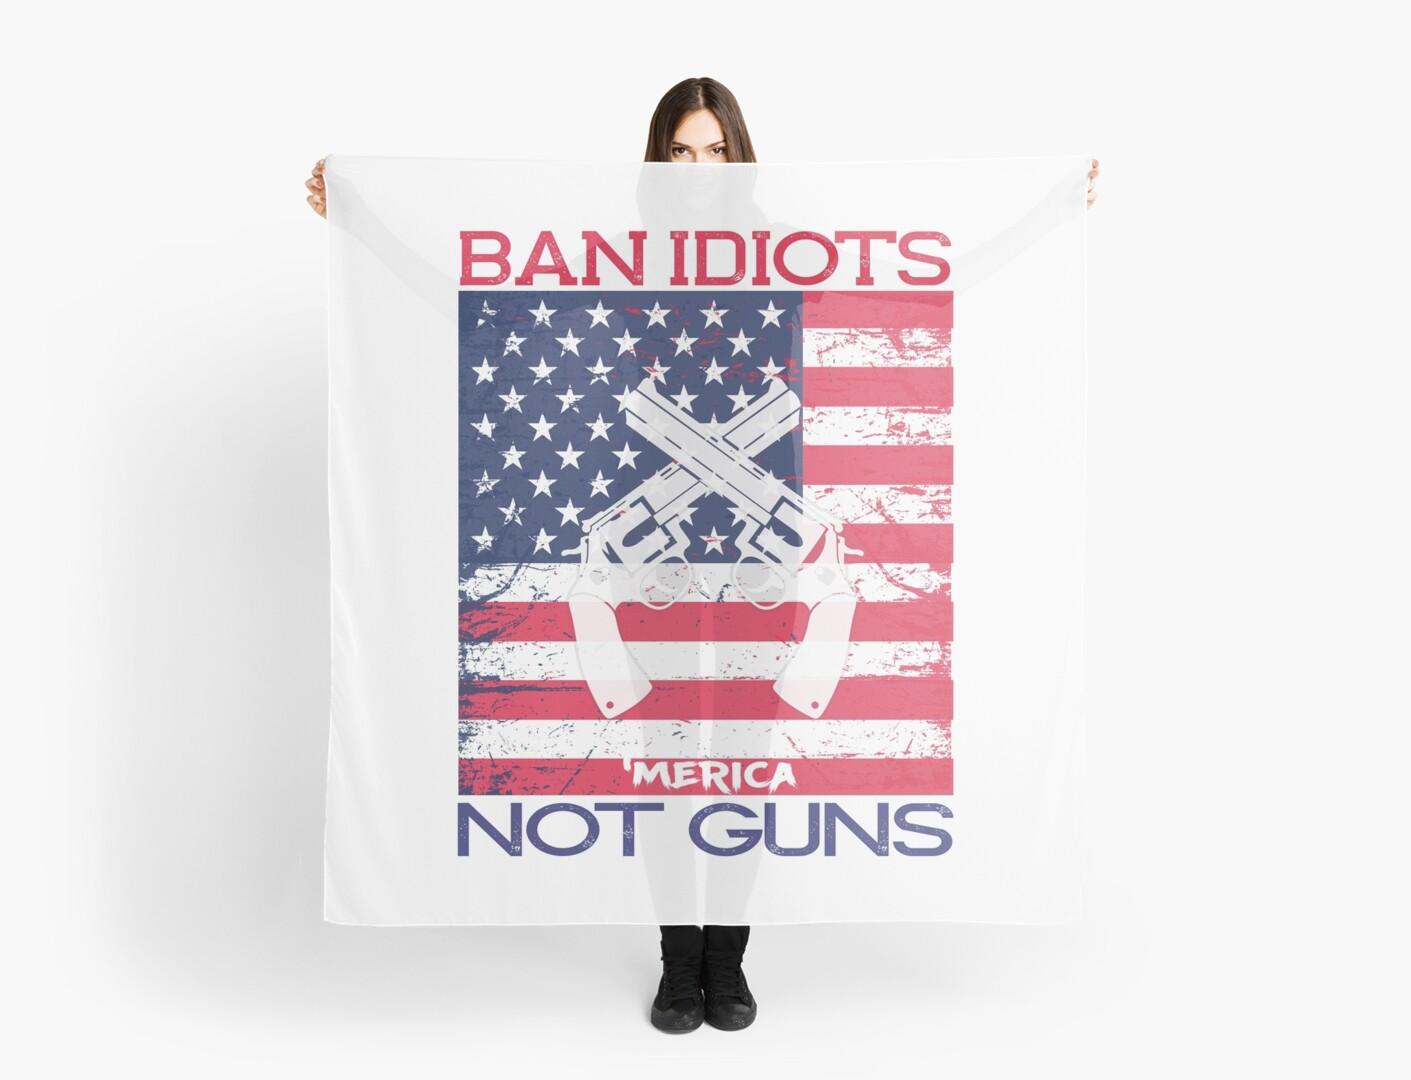 ce6516806b9a Ban Idiots Not Guns  Merica Patriotic